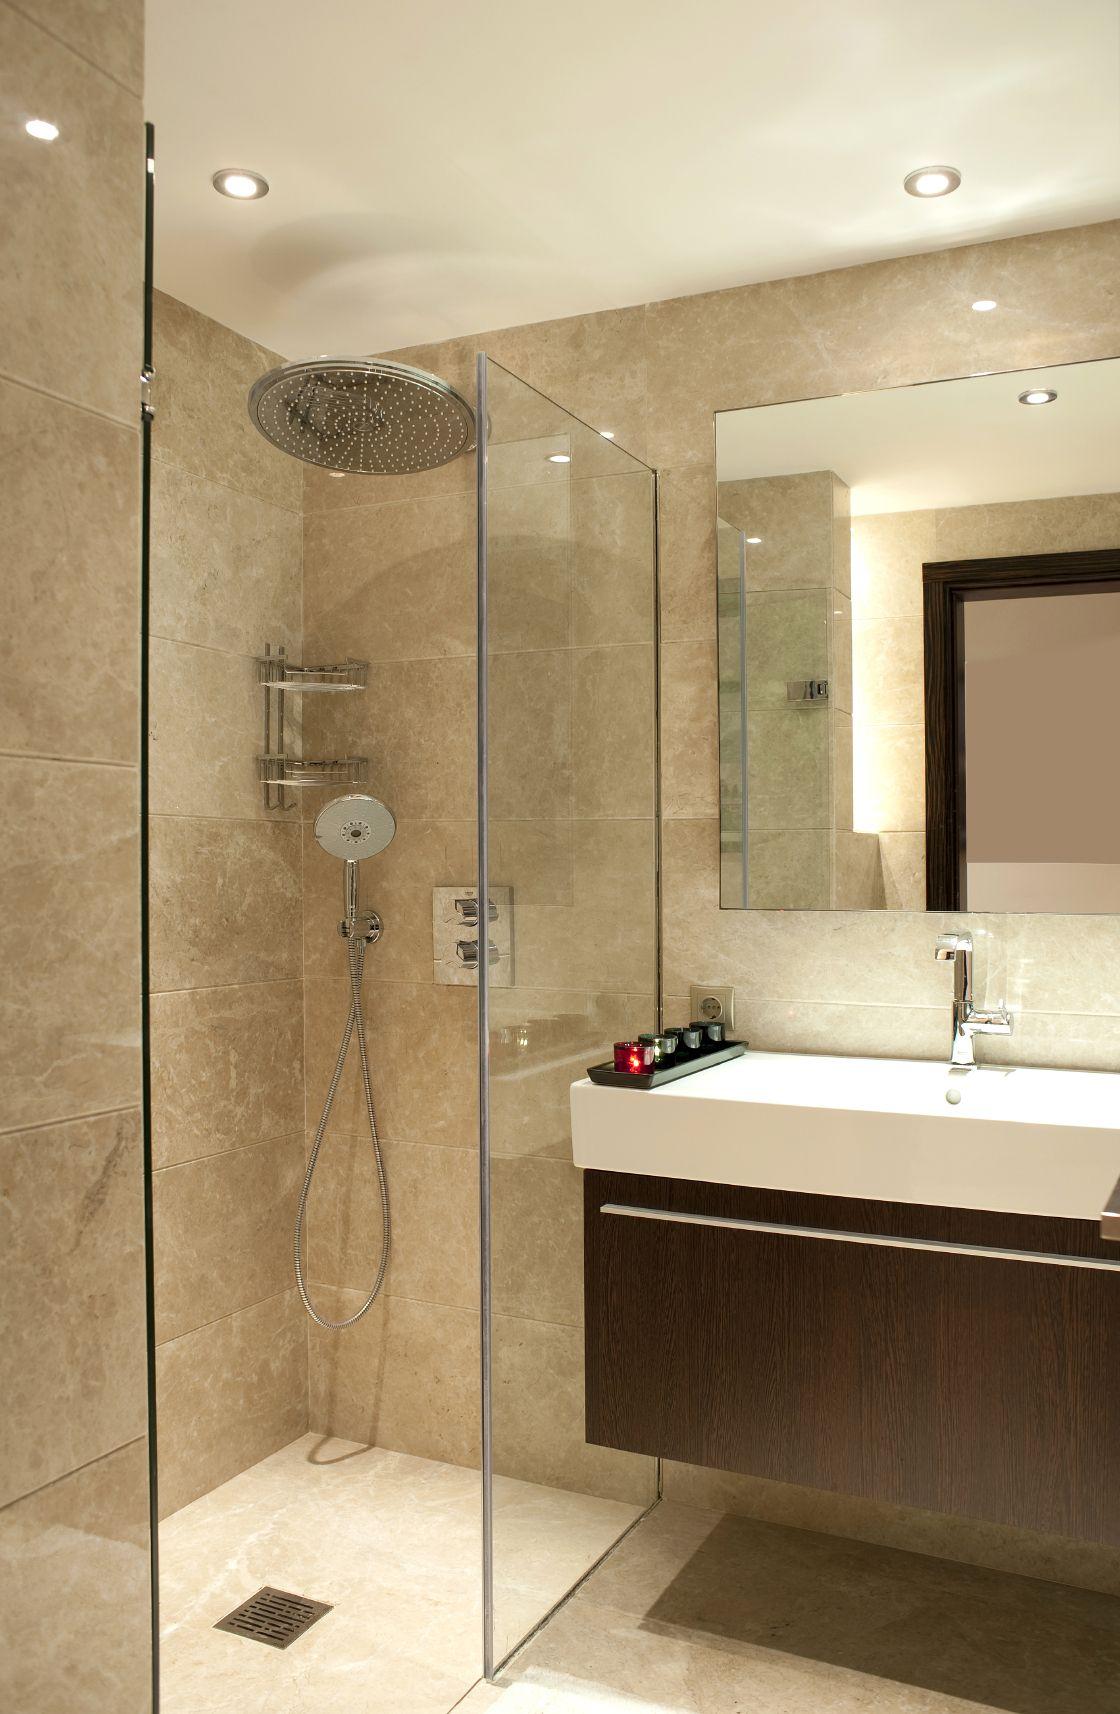 Blog Divine Bathrooms Kitchen Laundry Ensuite Bathroom Designs Bathroom Design Bathroom Layout Plans